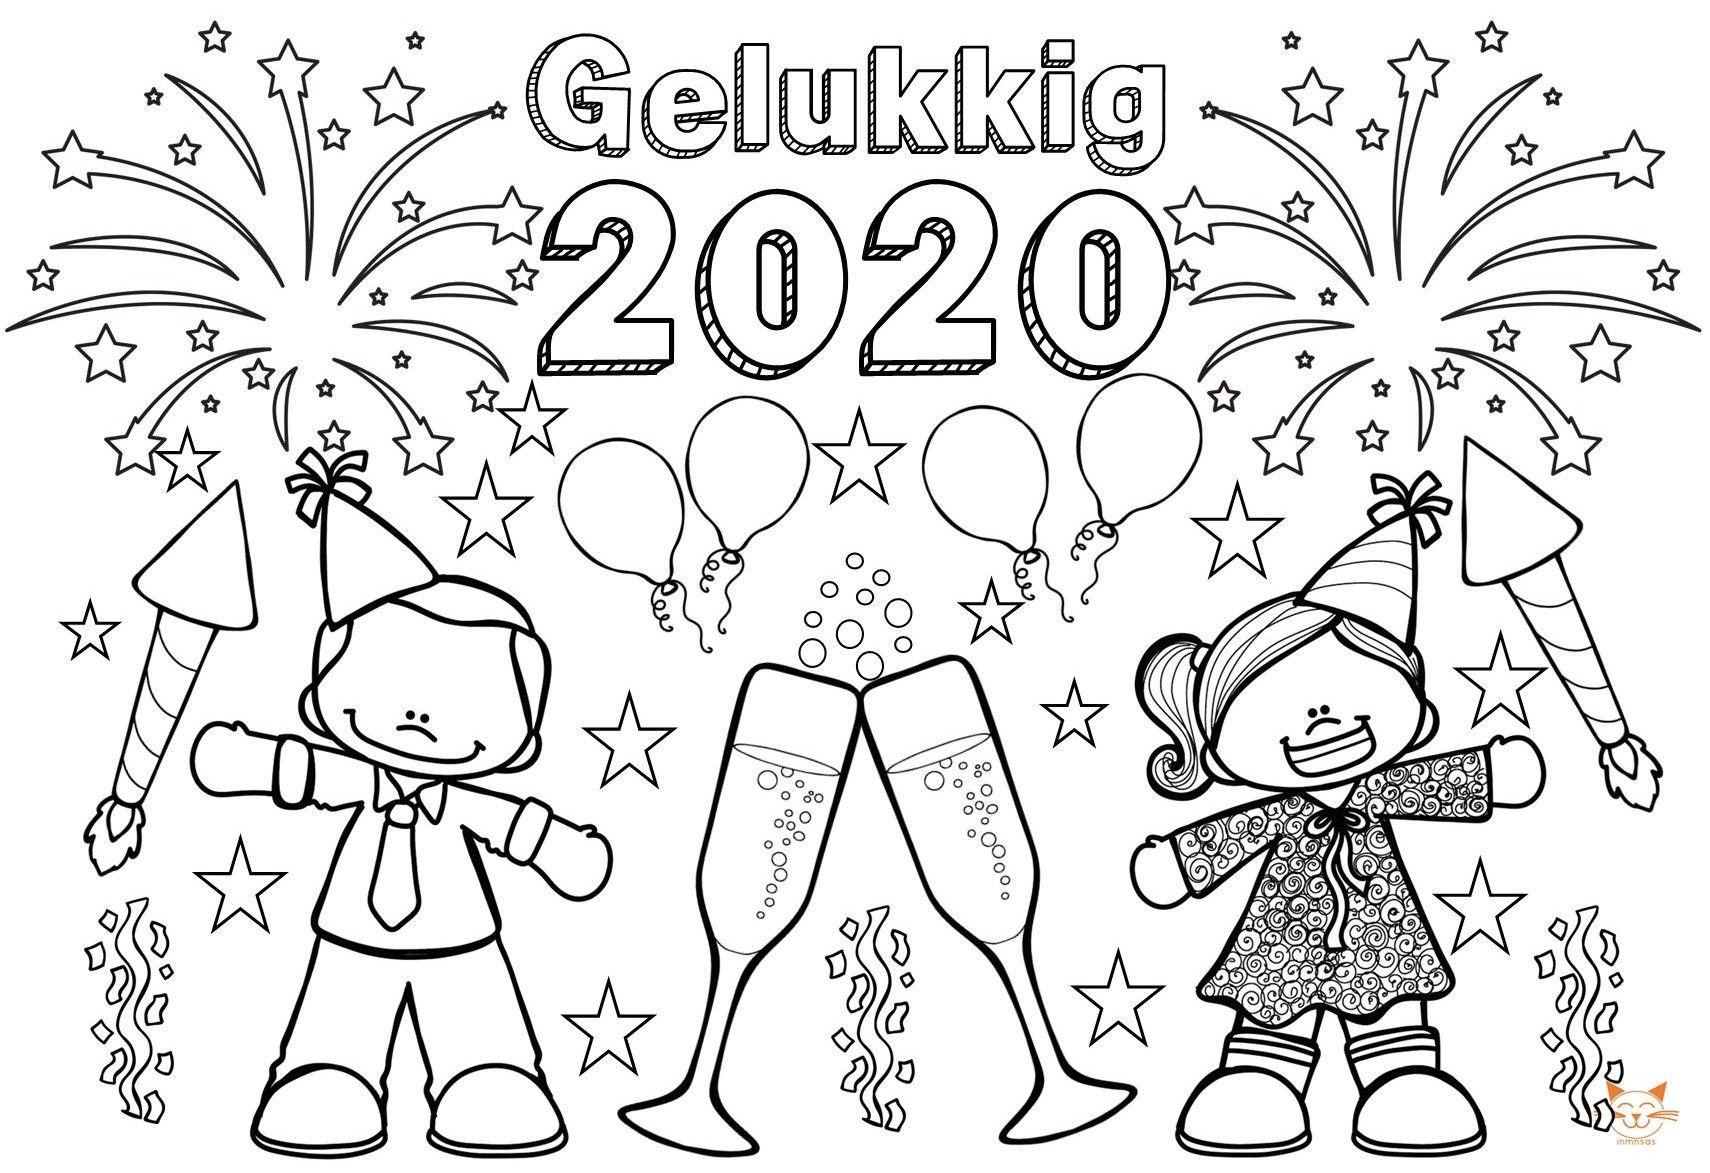 Blockposter Gelukkig 2020 Nieuwjaarsknutsels Nieuwjaar Kleurplaten